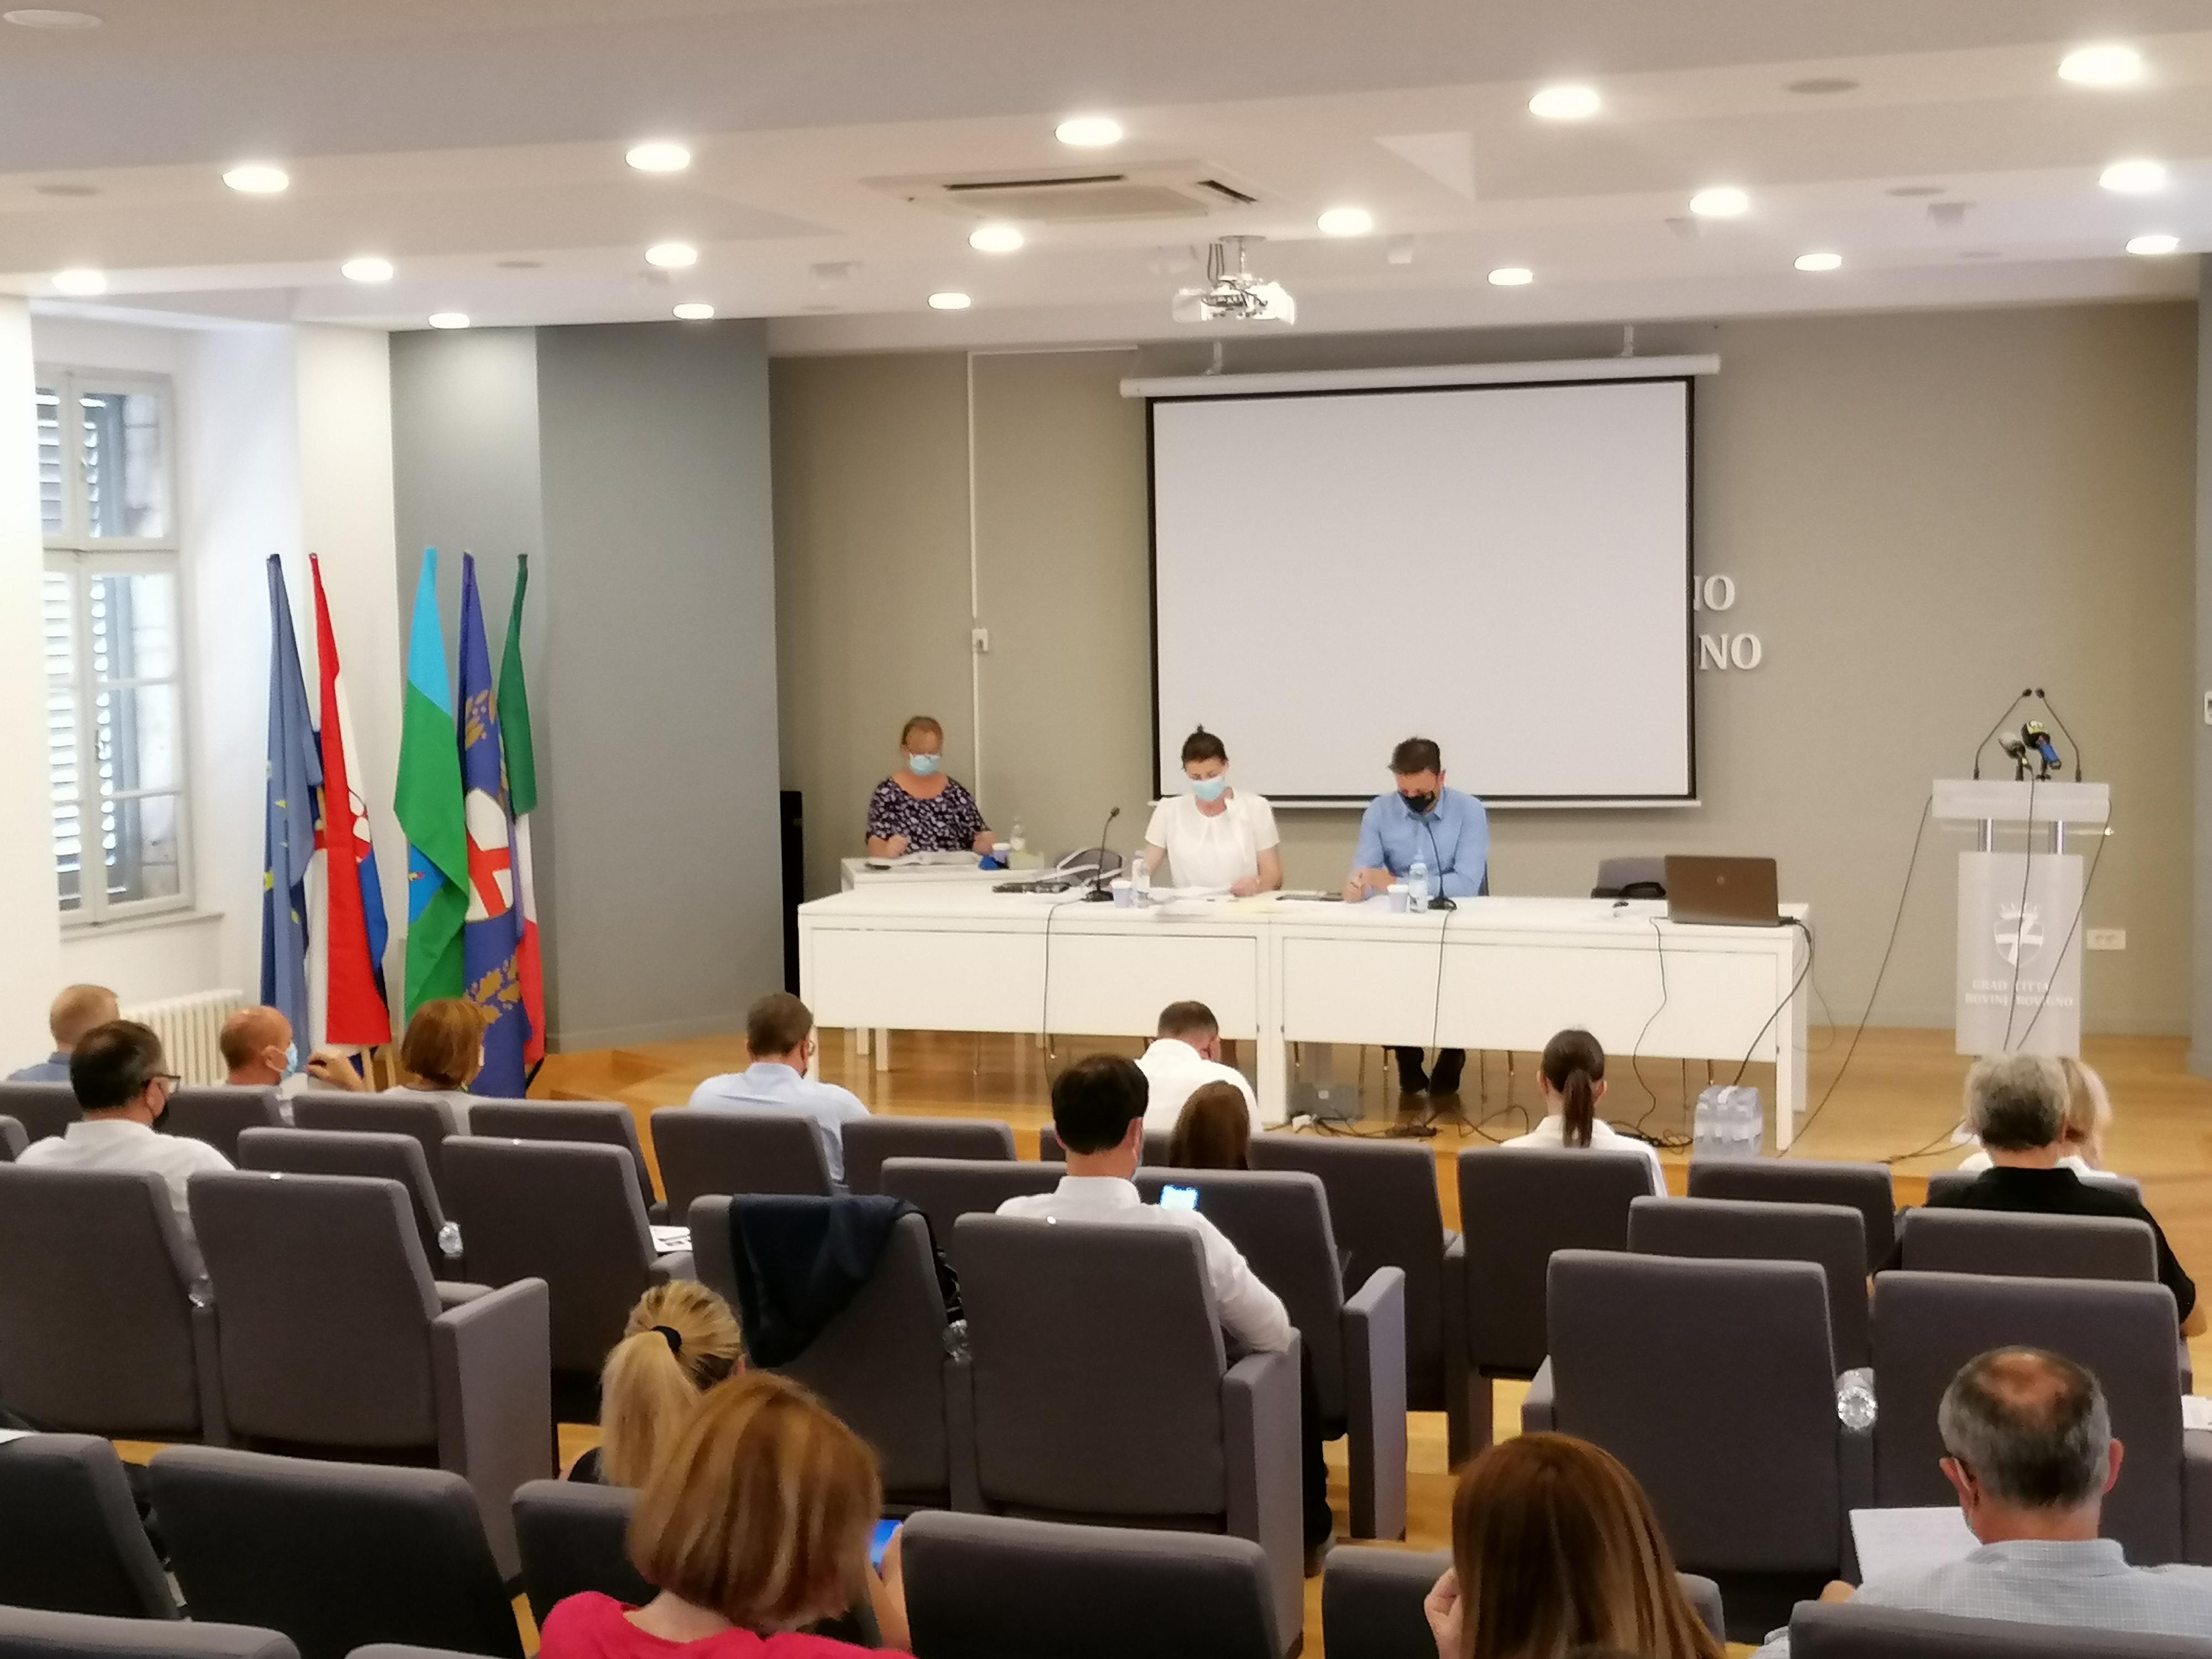 La Città di Rovinj-Rovigno ha introdotto i sussidi per gli studenti meno abbienti